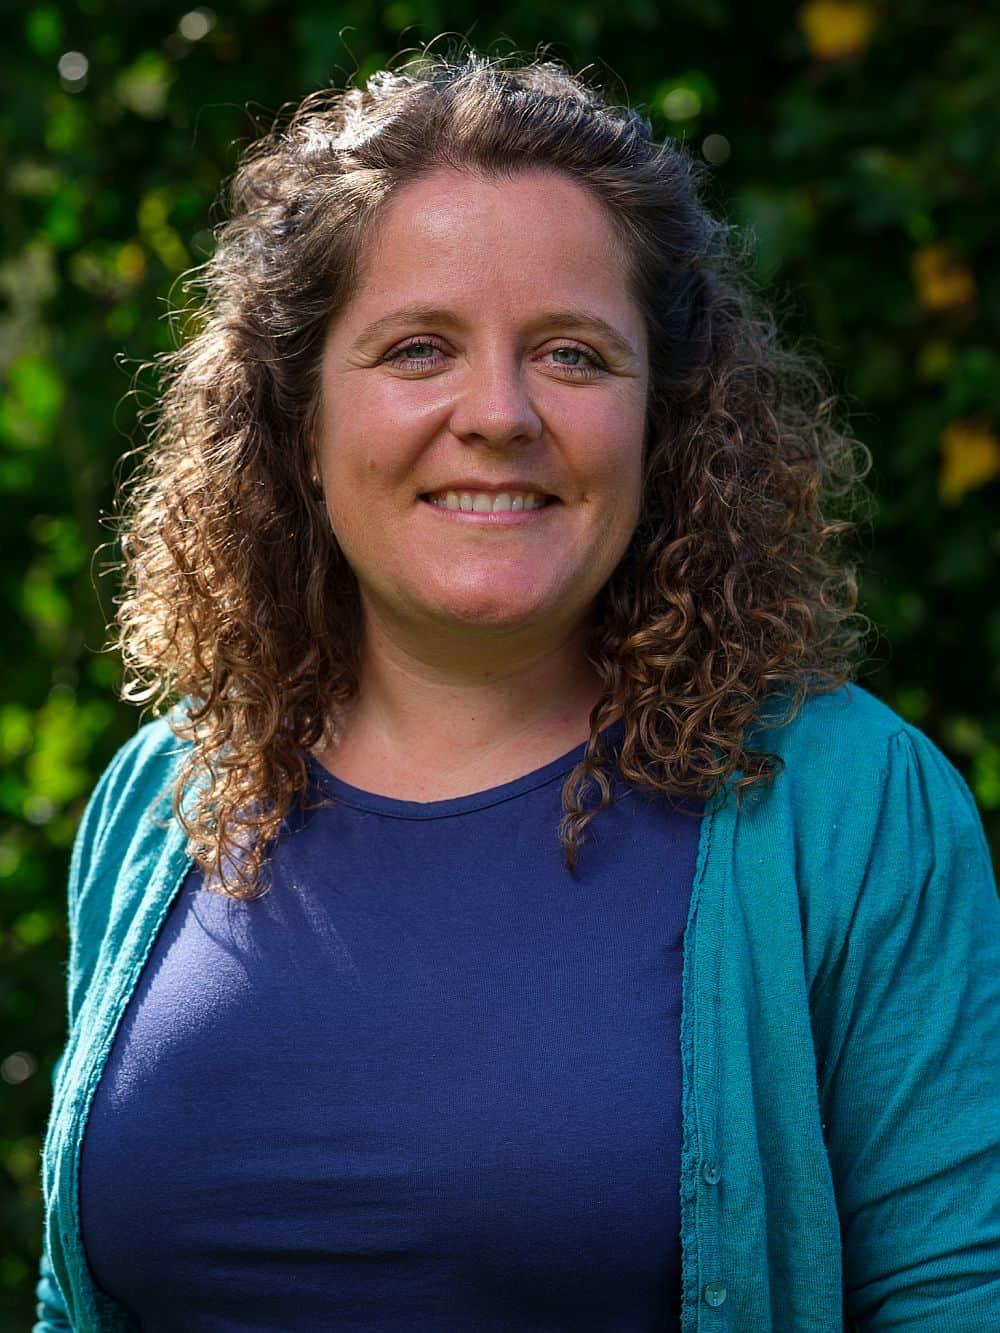 Anne Siegenthaler